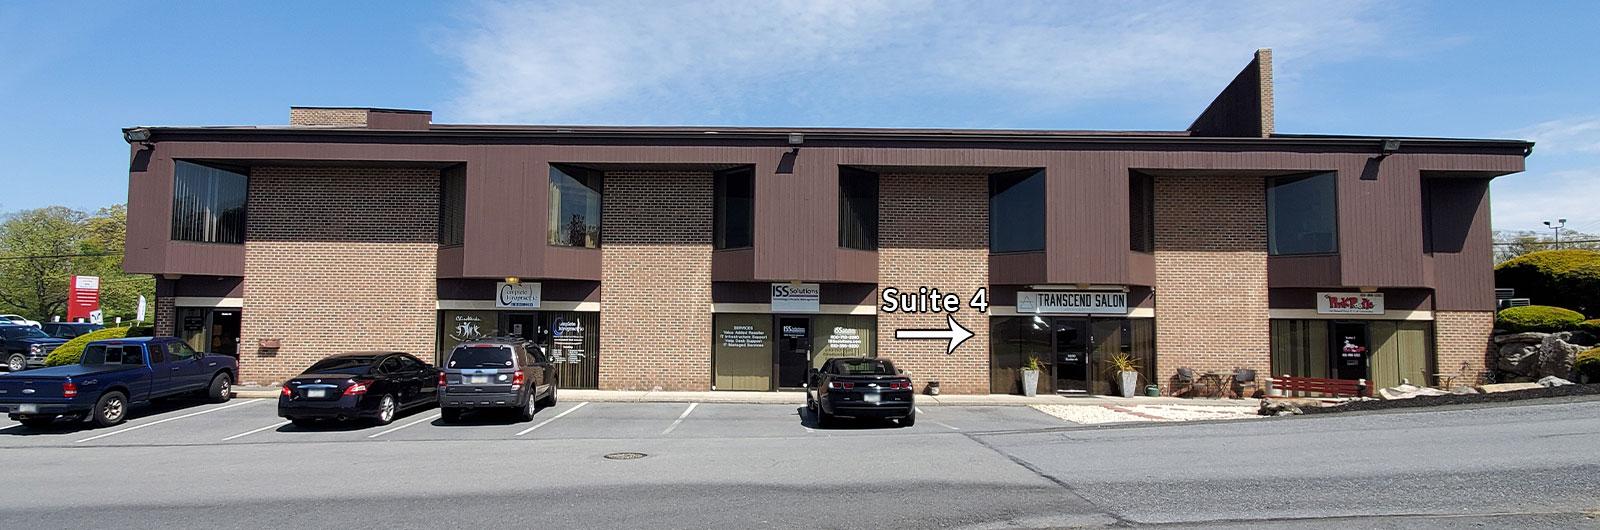 5930 Hamilton Blvd Suite 4